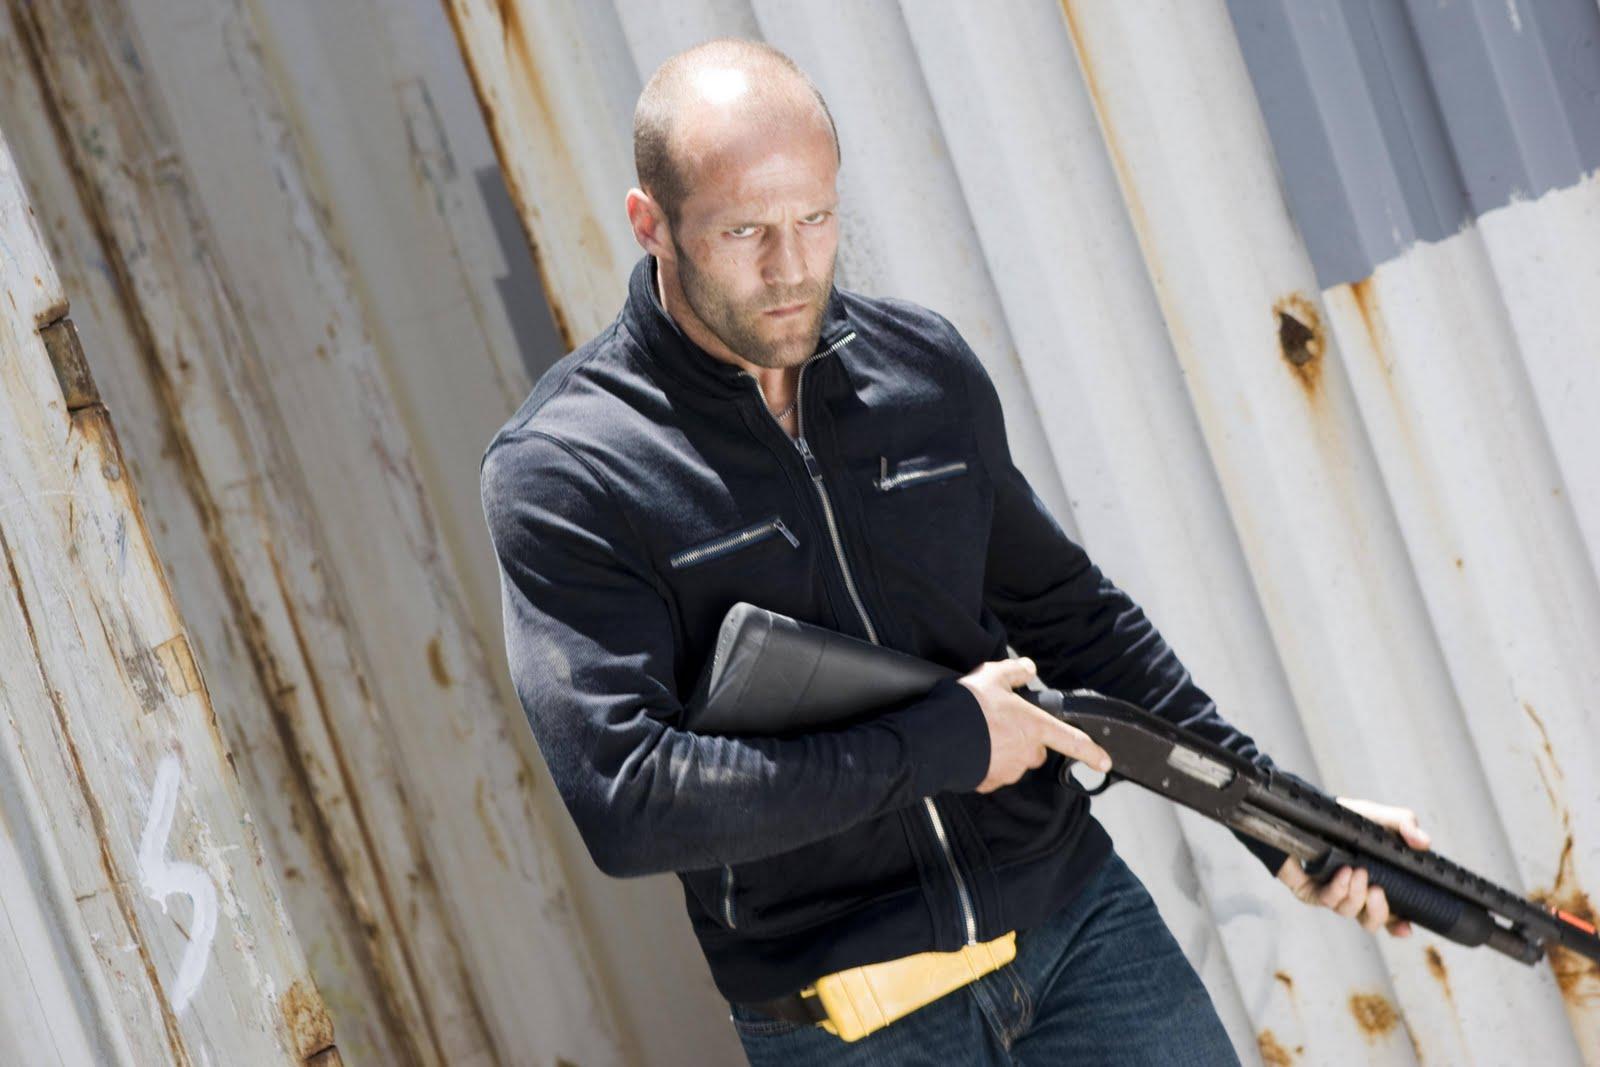 http://2.bp.blogspot.com/-9hUs8EFu0l8/TaxBA2_kNhI/AAAAAAAAAjQ/BTlb7o7ieMc/s1600/Statham+Shotgun.jpg